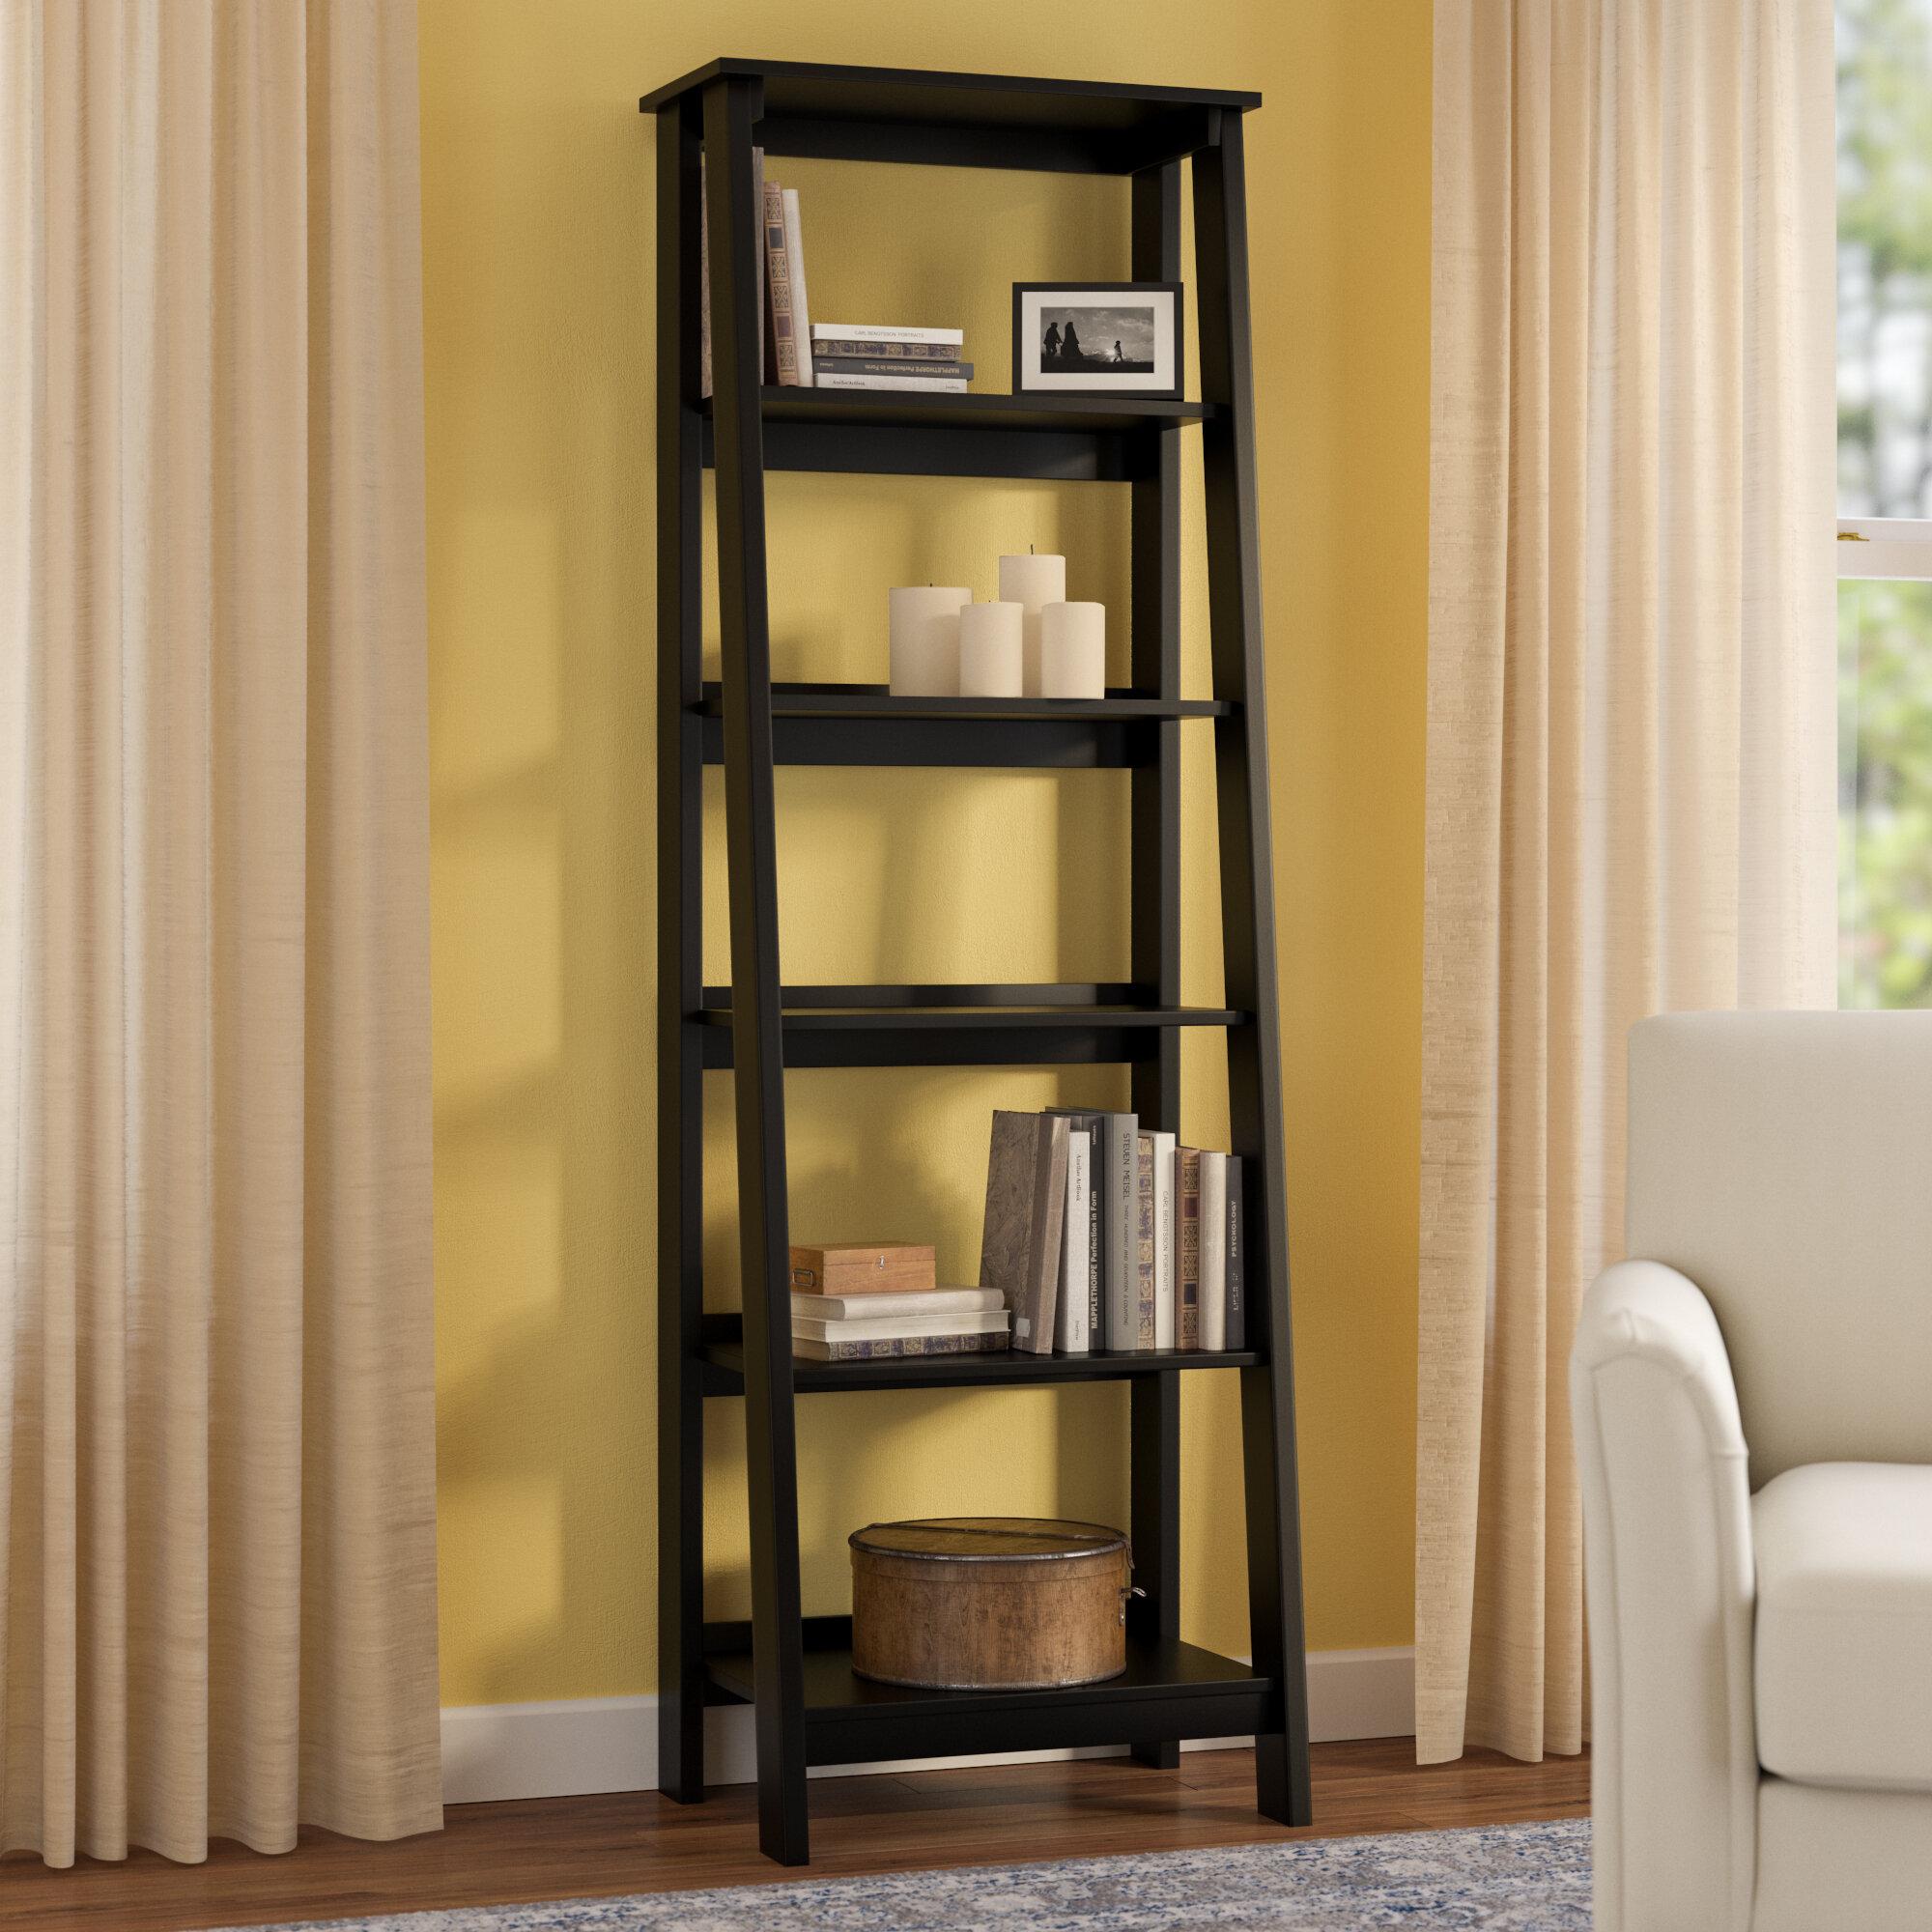 27 Inch Book Shelf You Ll Love In 2019 Wayfair